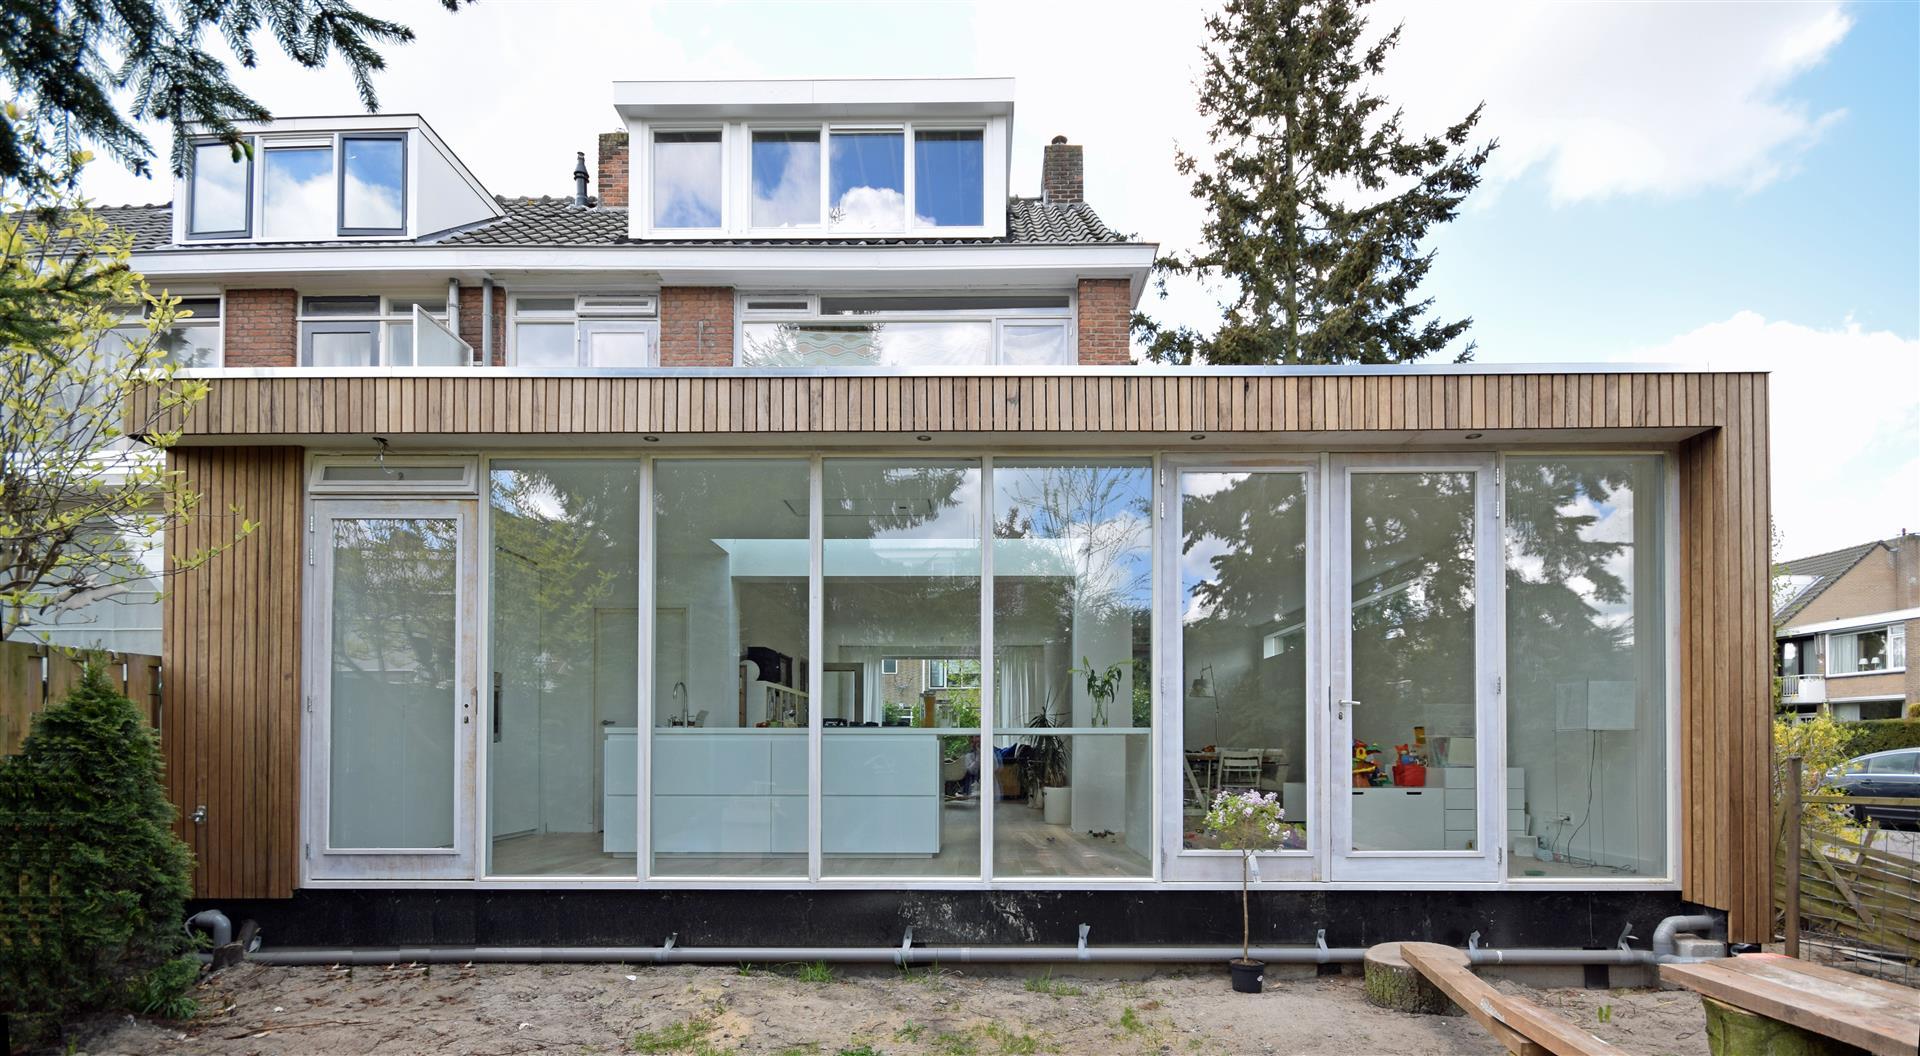 verbouwing met aanbouw Rotterdam Hillegersberg2014 u2013 2015 katrien ...